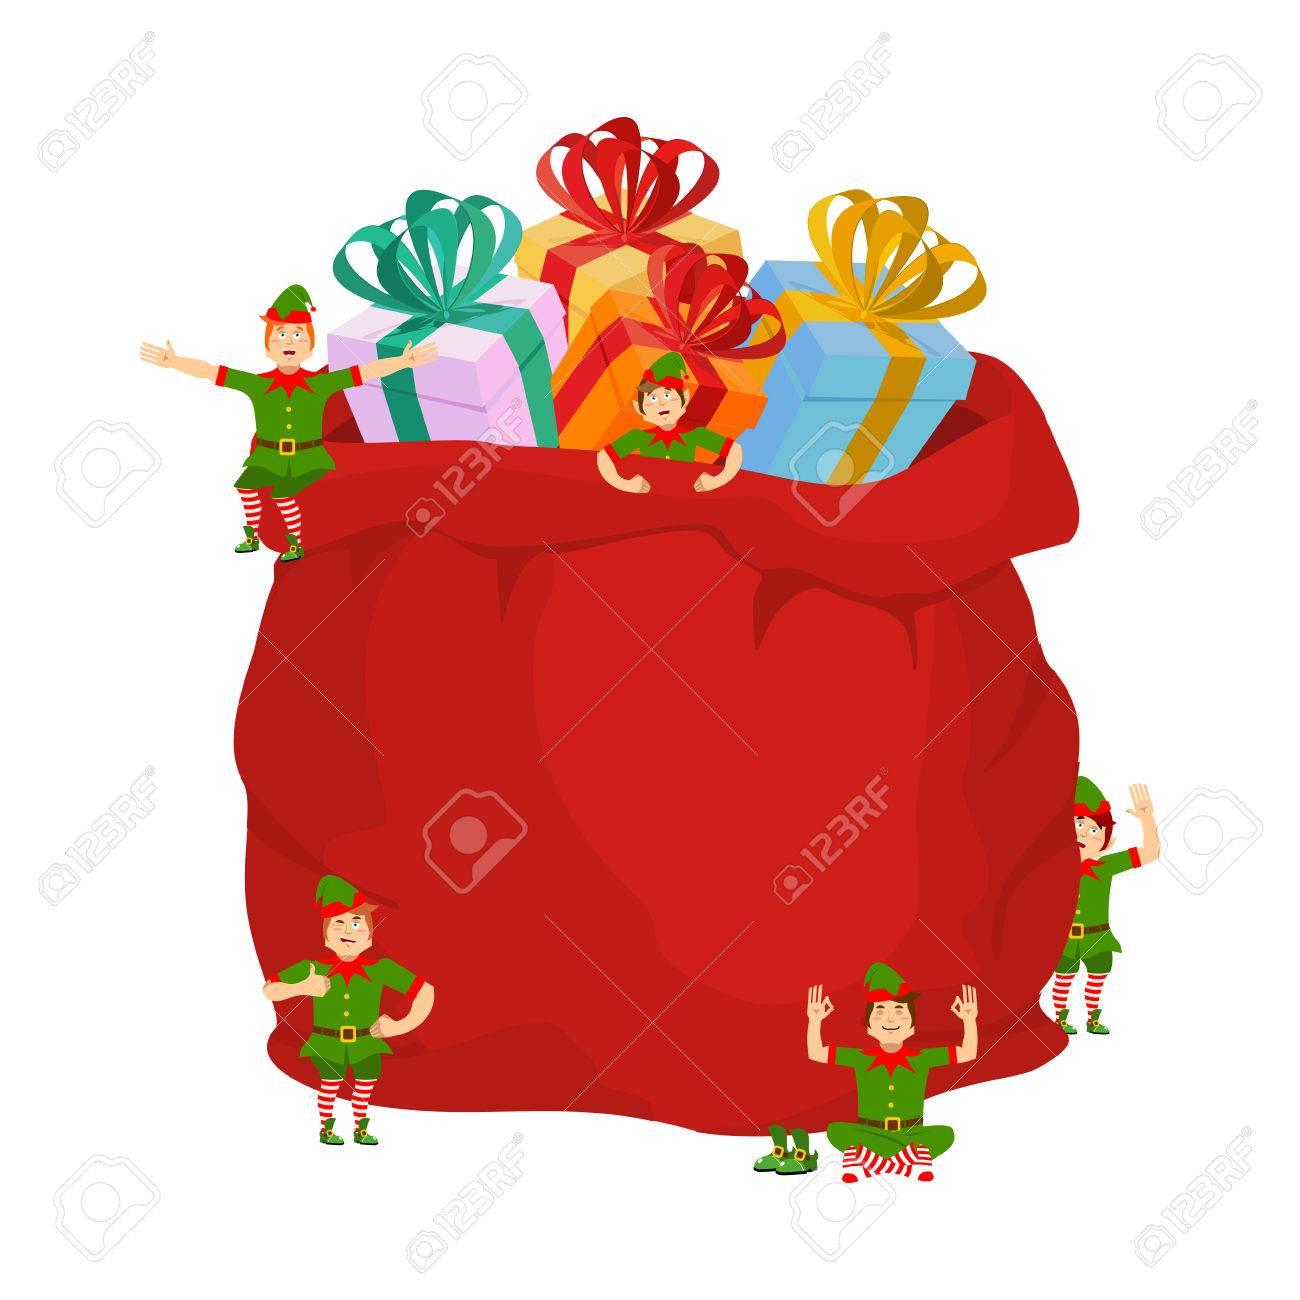 バッグの贈り物やクリスマスのエルフとサンタ玩具や子供用のお菓子が